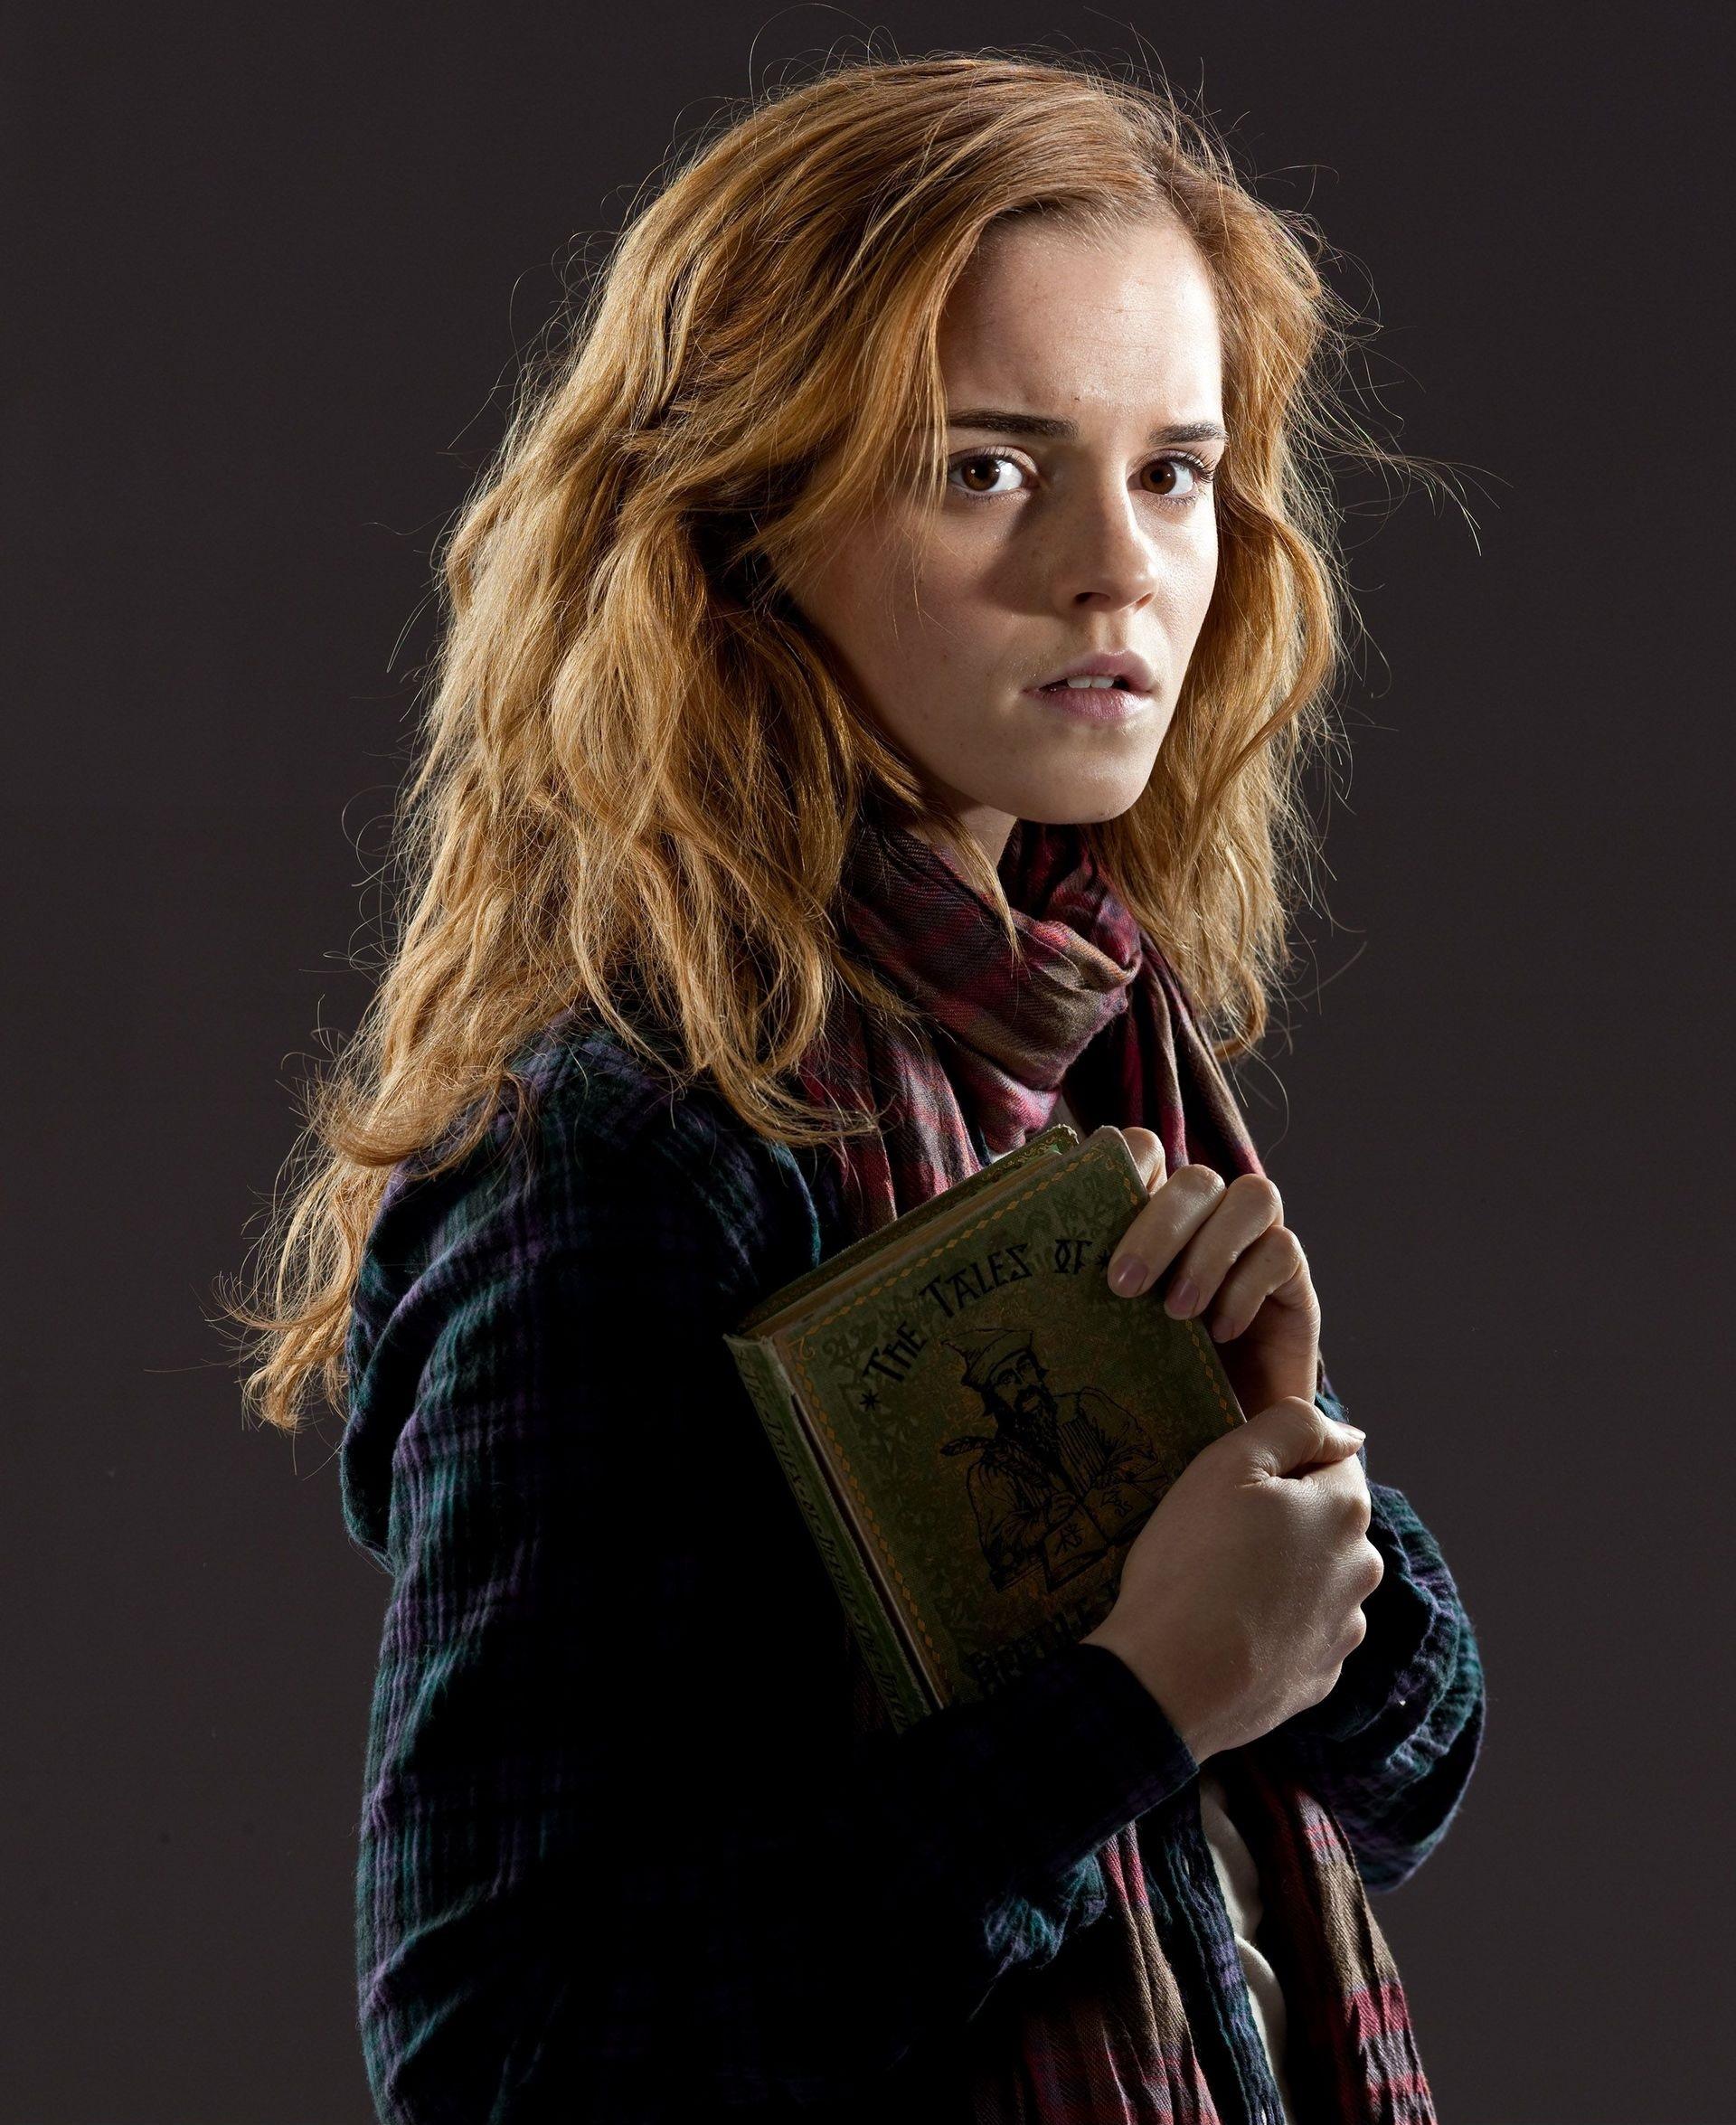 hermione granger mrs. granger